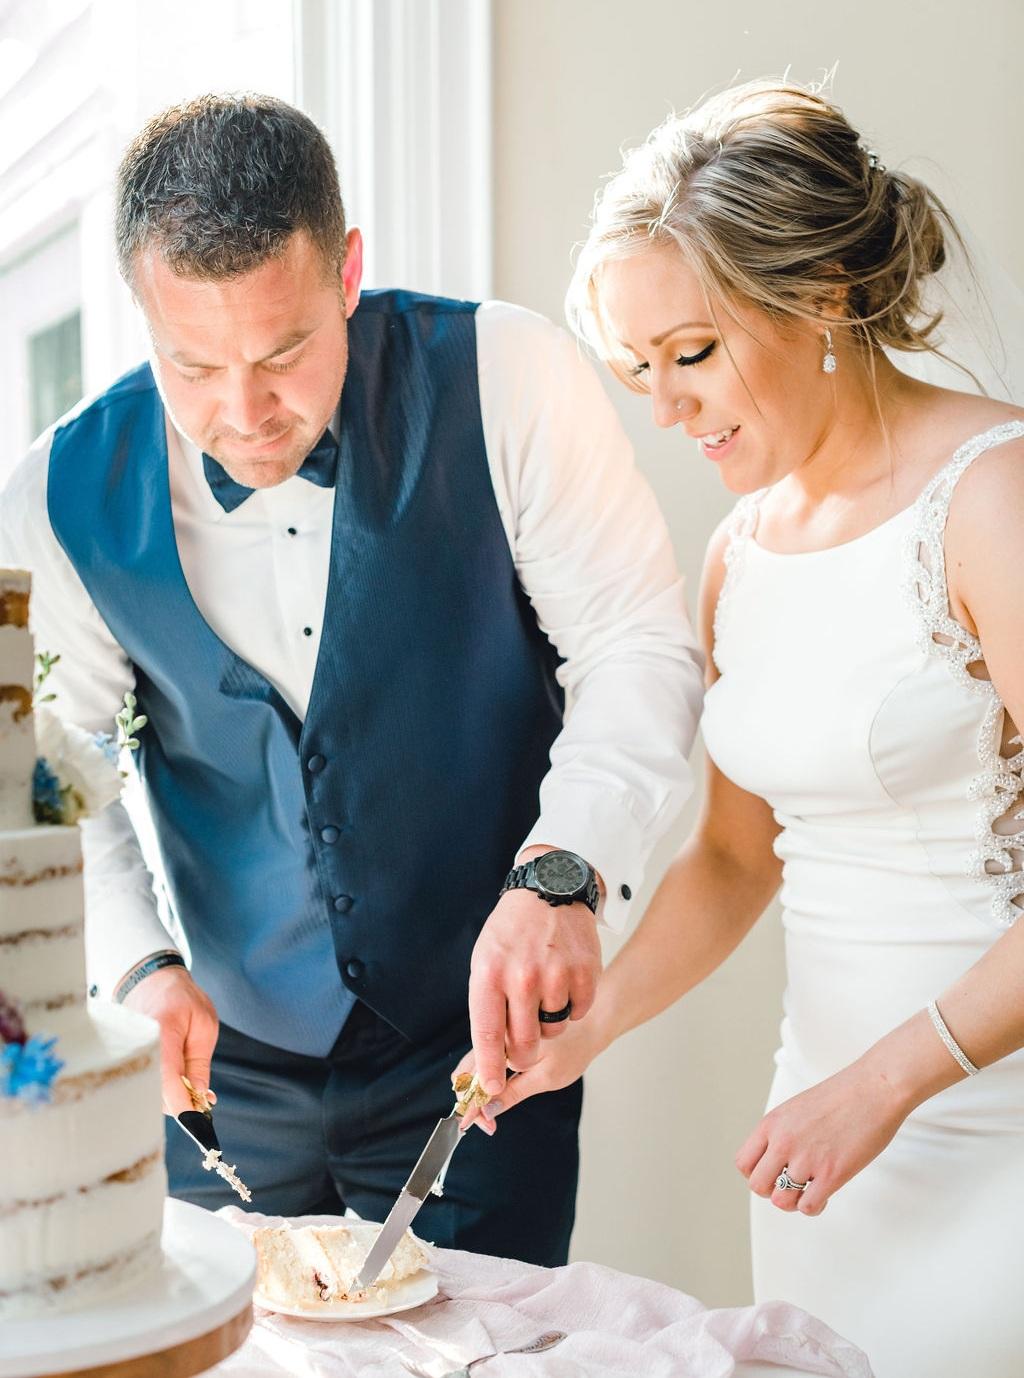 Dayton-event-planner-cutting-wedding-cake